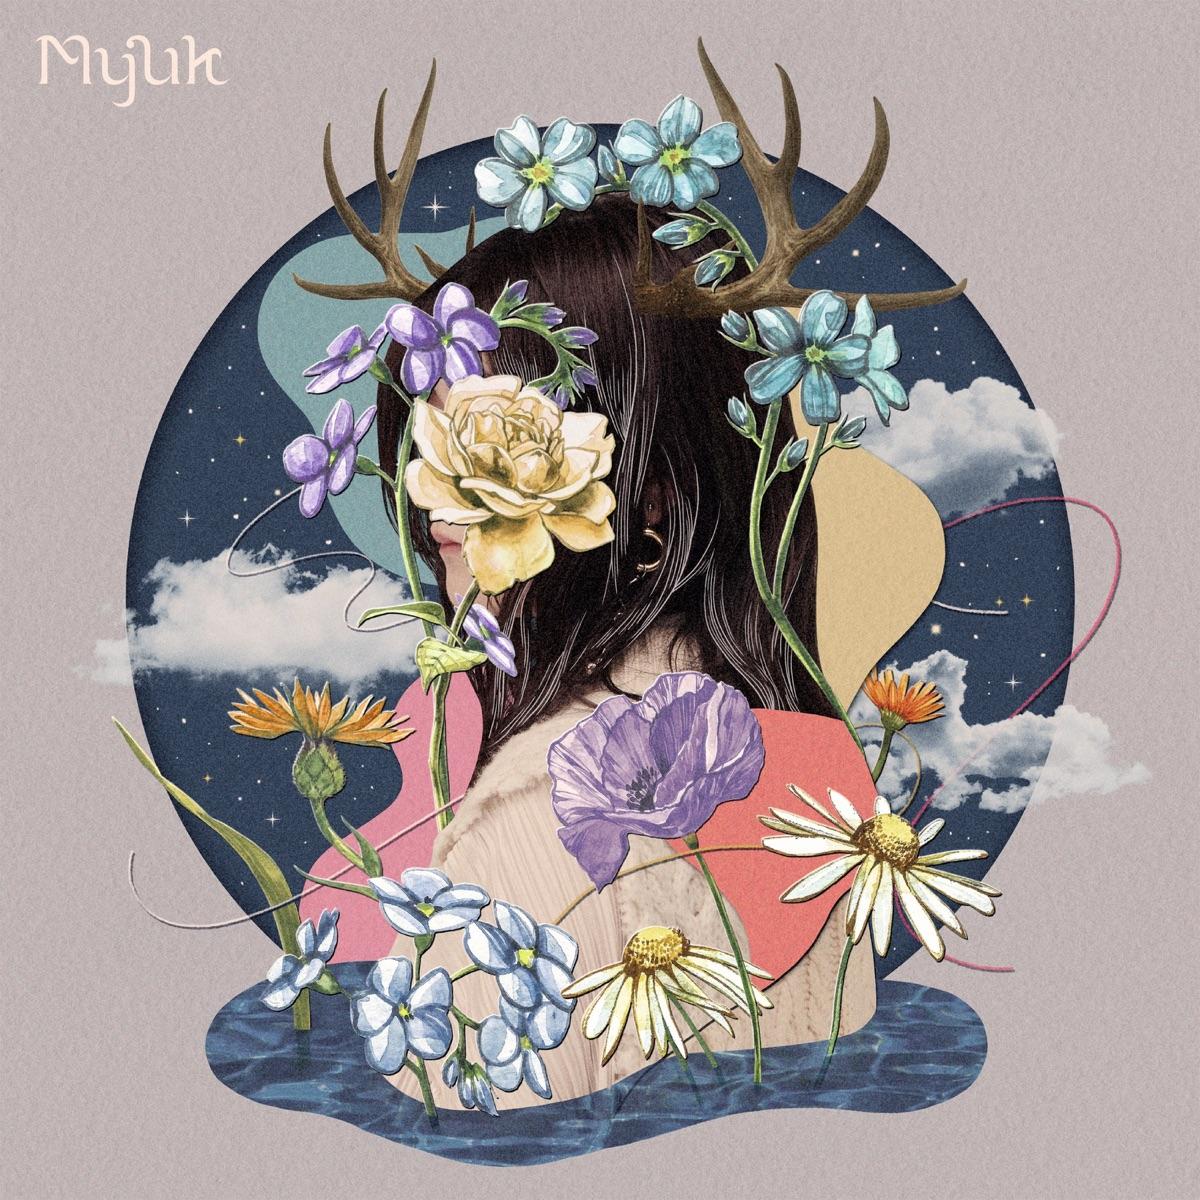 『Myuk - 魔法』収録の『魔法』ジャケット